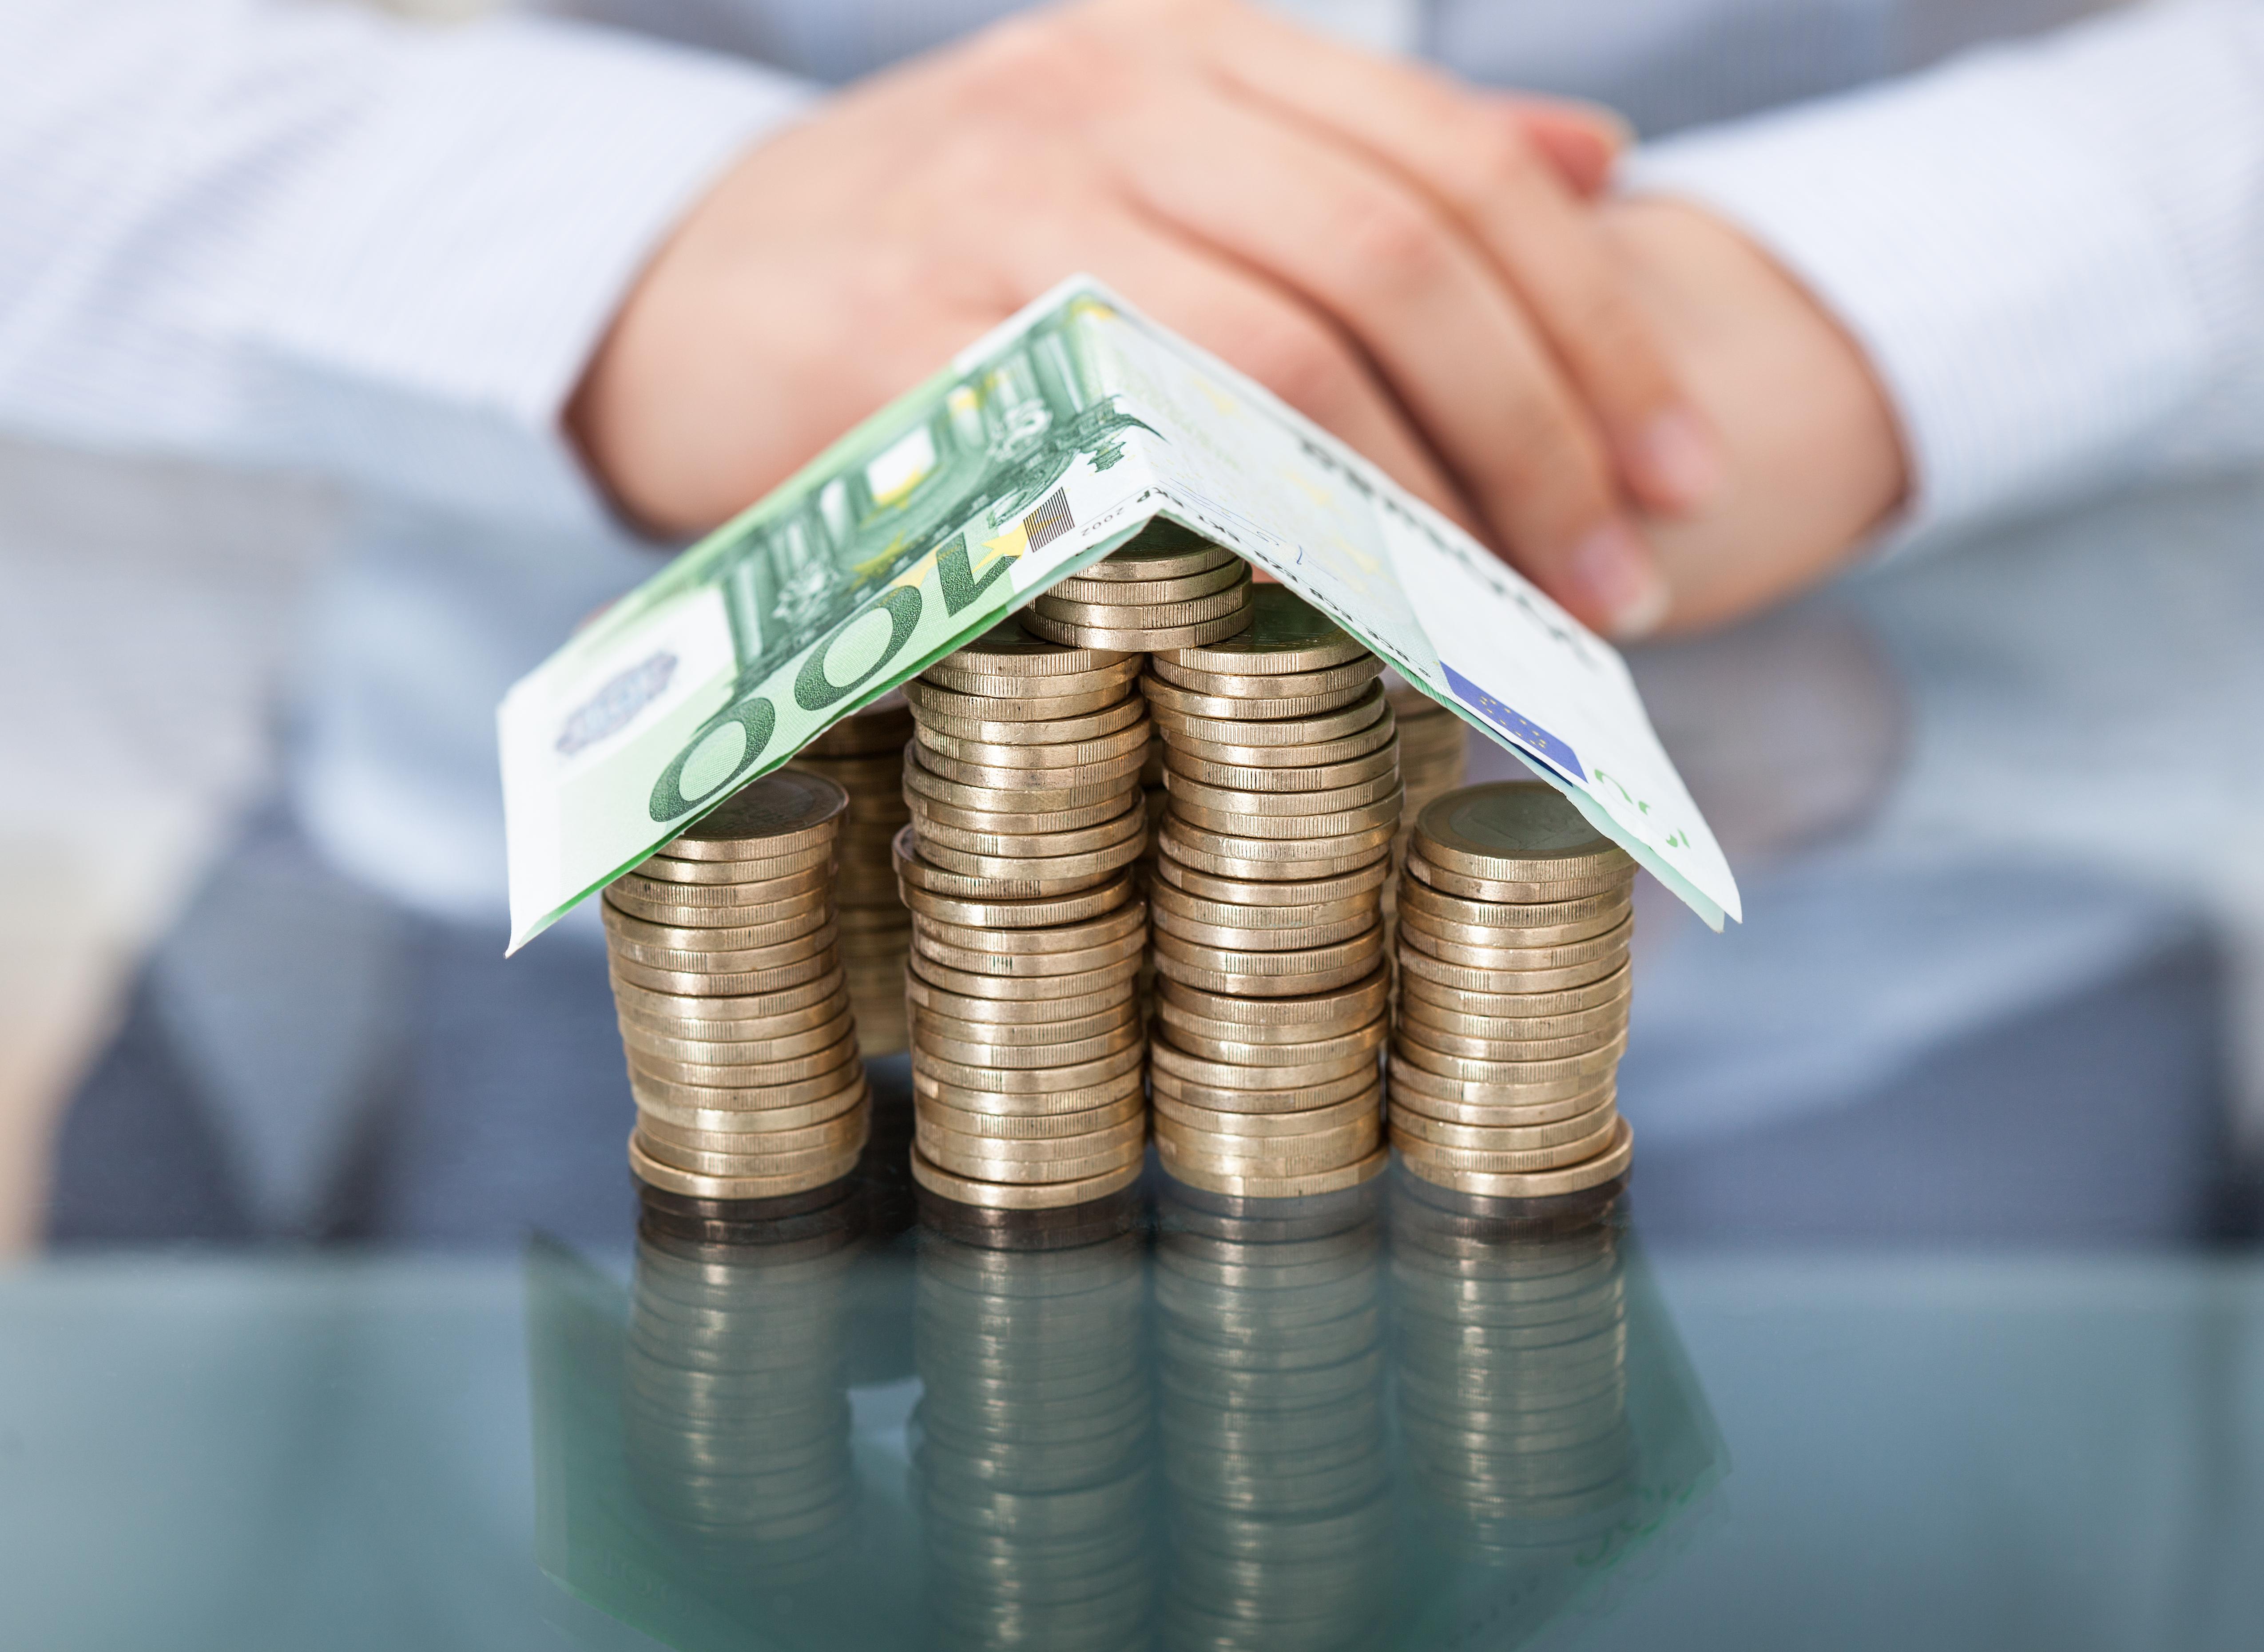 Ipotesi sconti mirati per alcune categorie di immobili